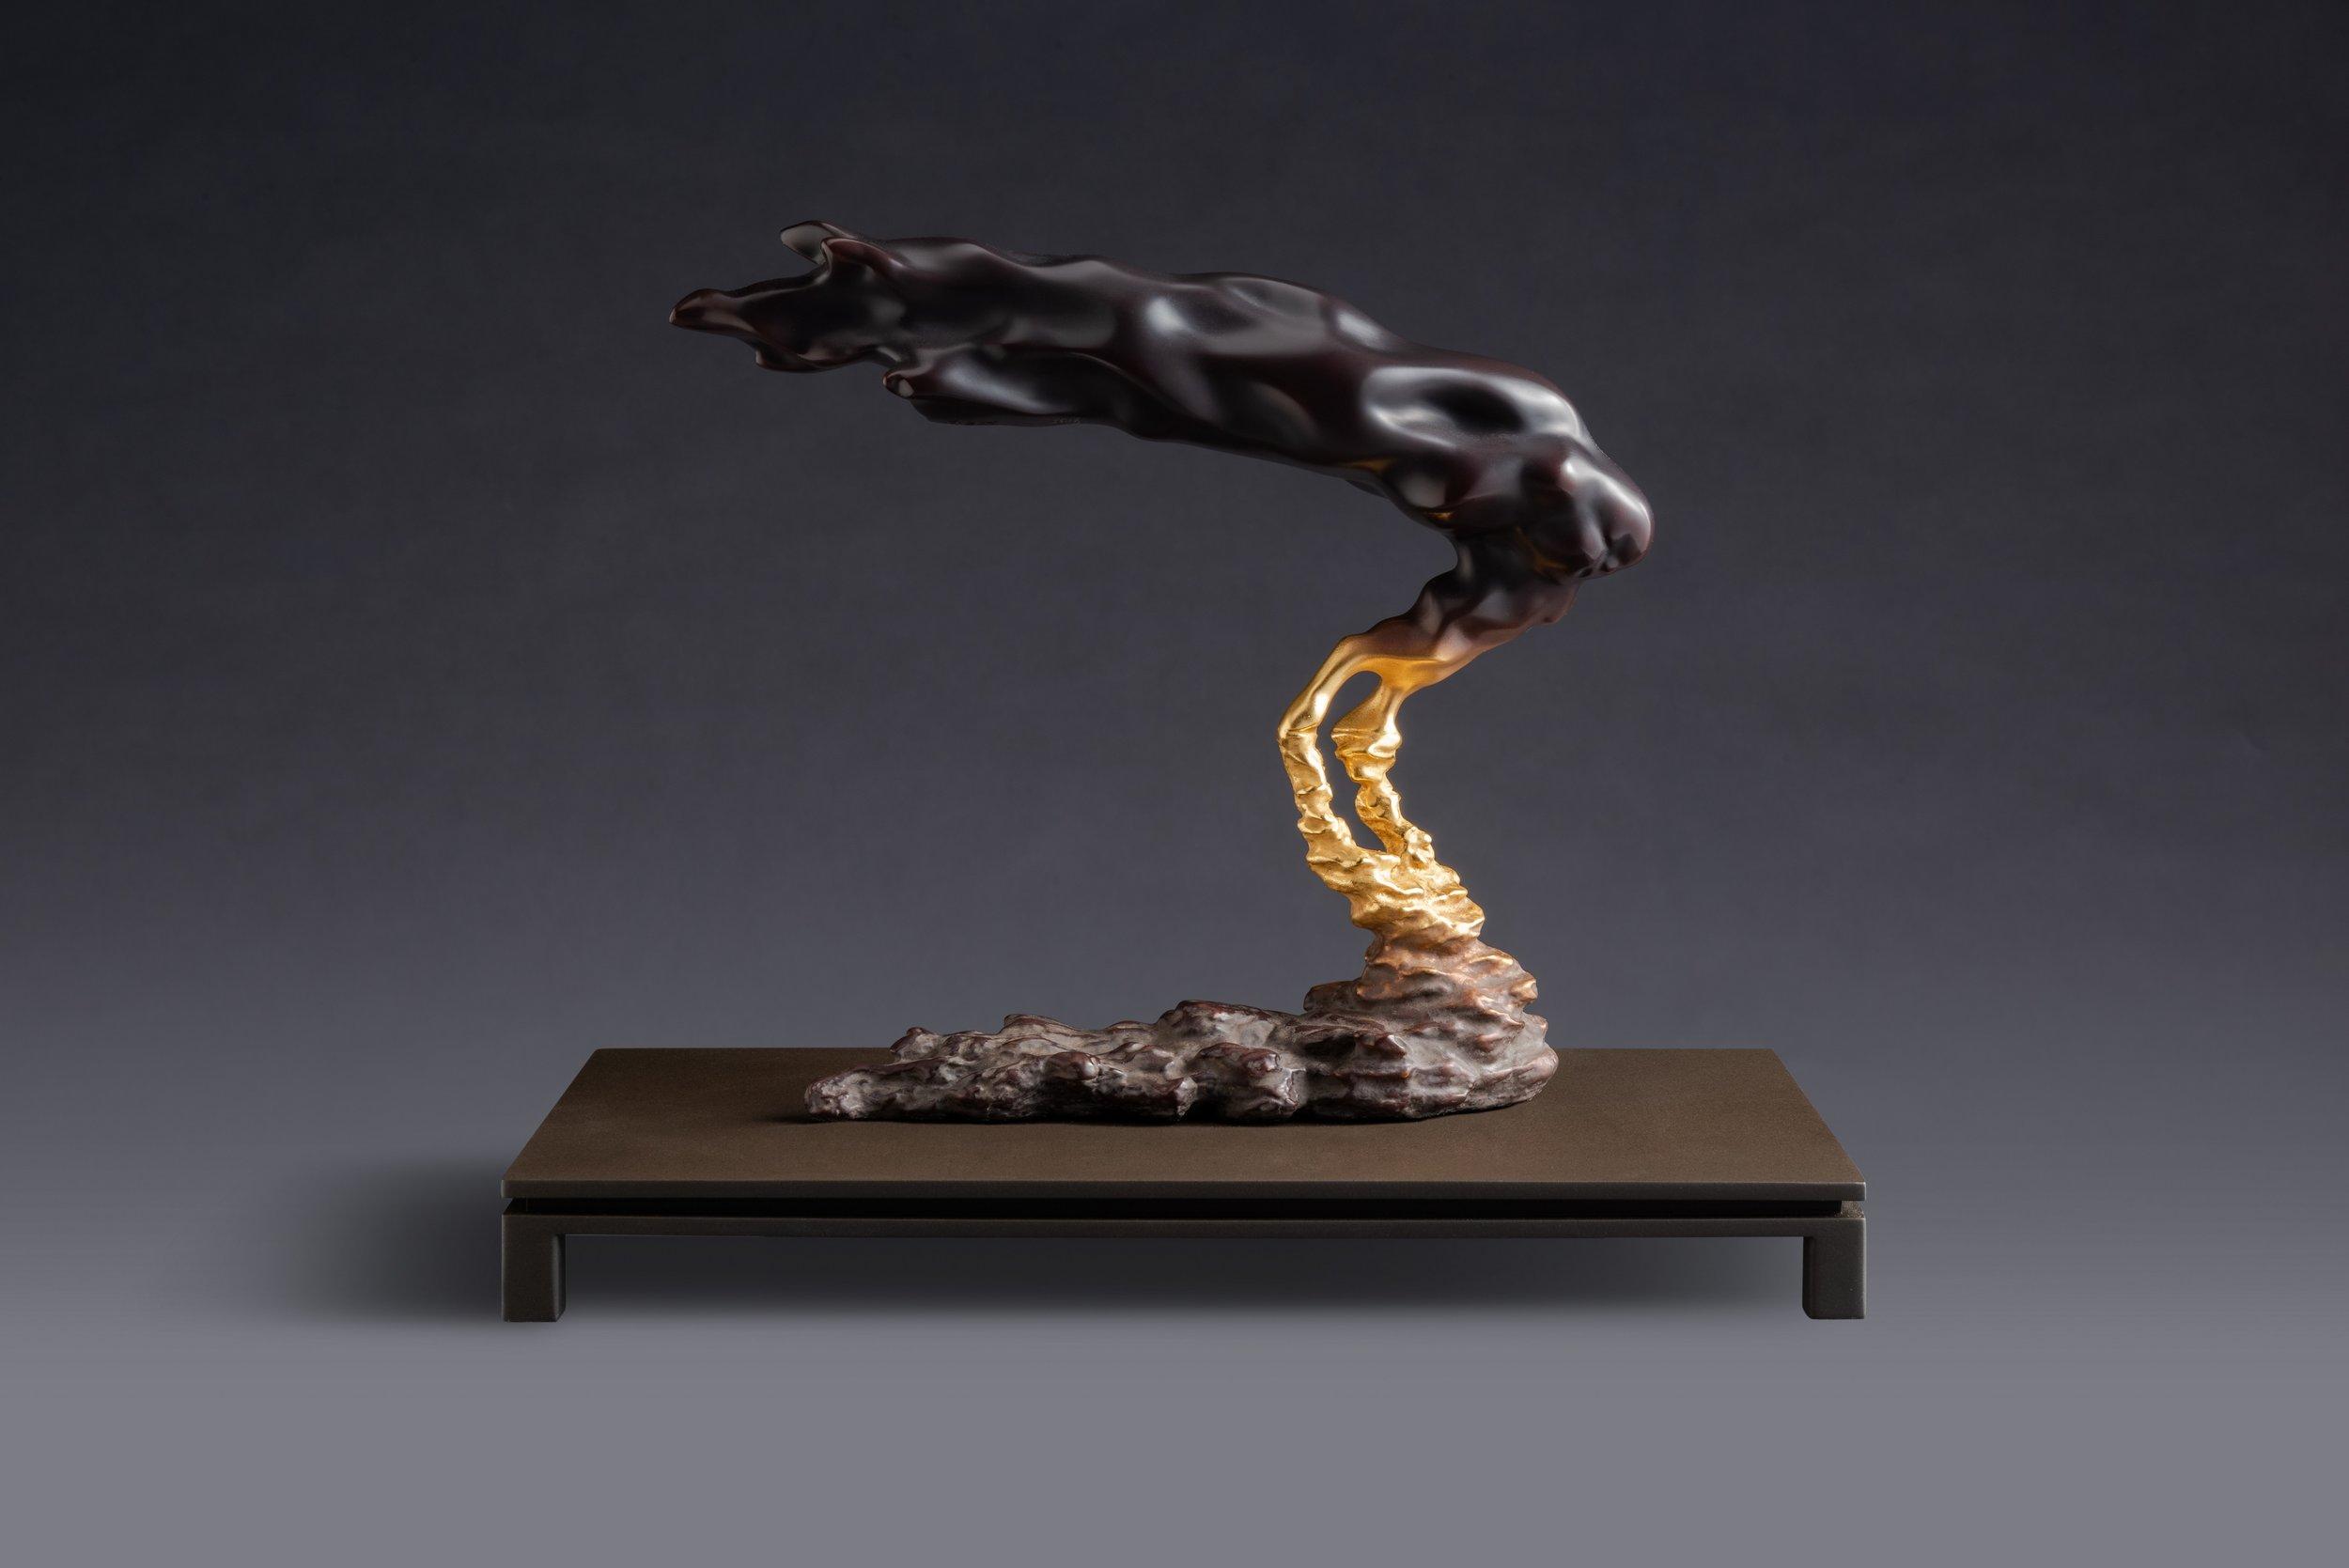 Li Chen, 'Eclipse ‧ Twilight Breeze', 2016, bronze, 30 x 16 x 25cm, edition of 30. Image courtesy of Art Agenda, S.E.A..